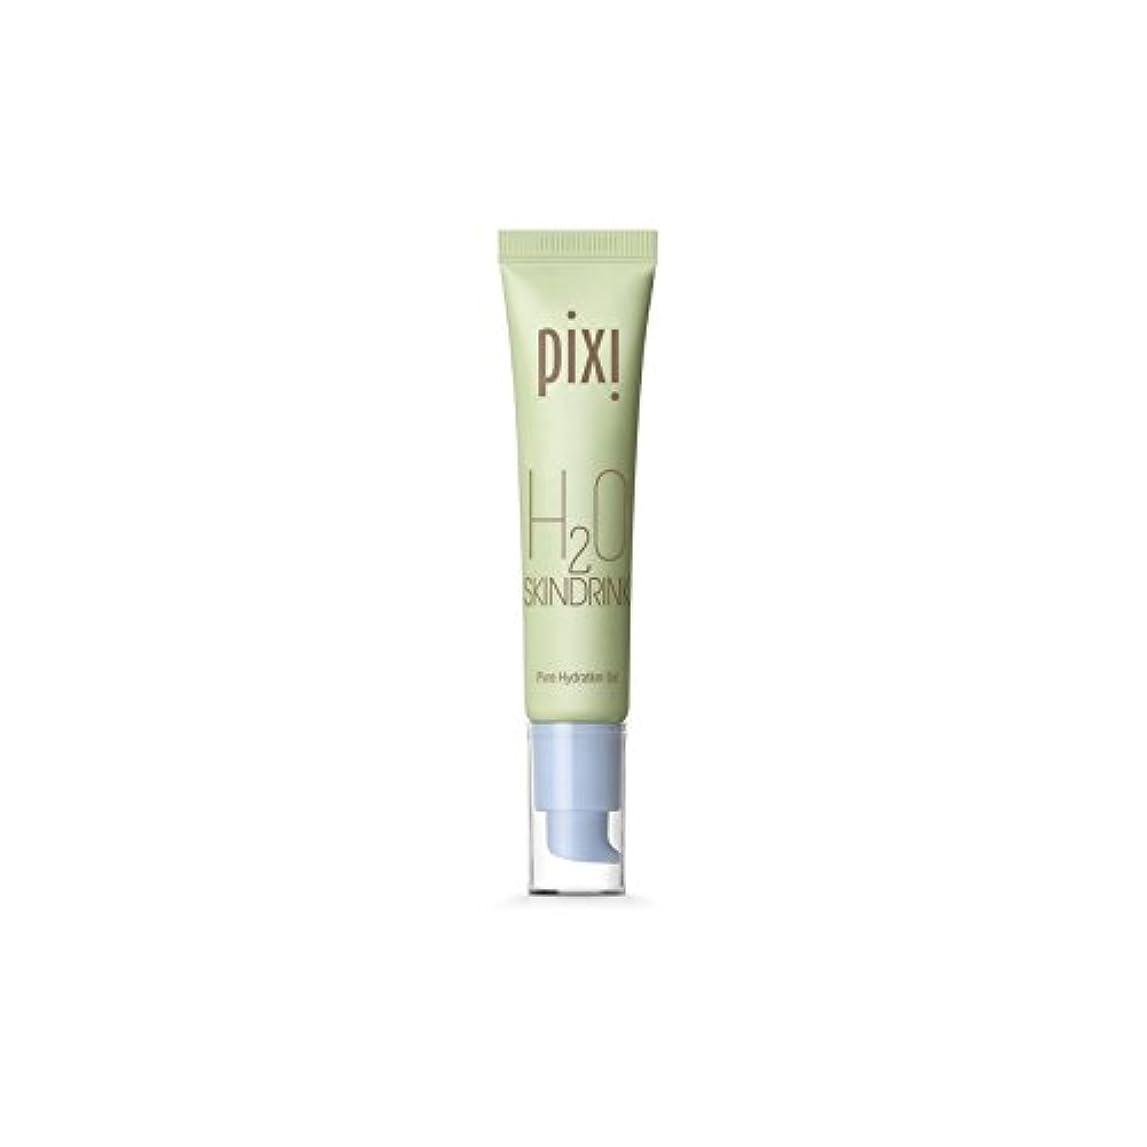 墓地弁護ケイ素Pixi H20 Skin Drink (Pack of 6) - 20スキンドリンク x6 [並行輸入品]